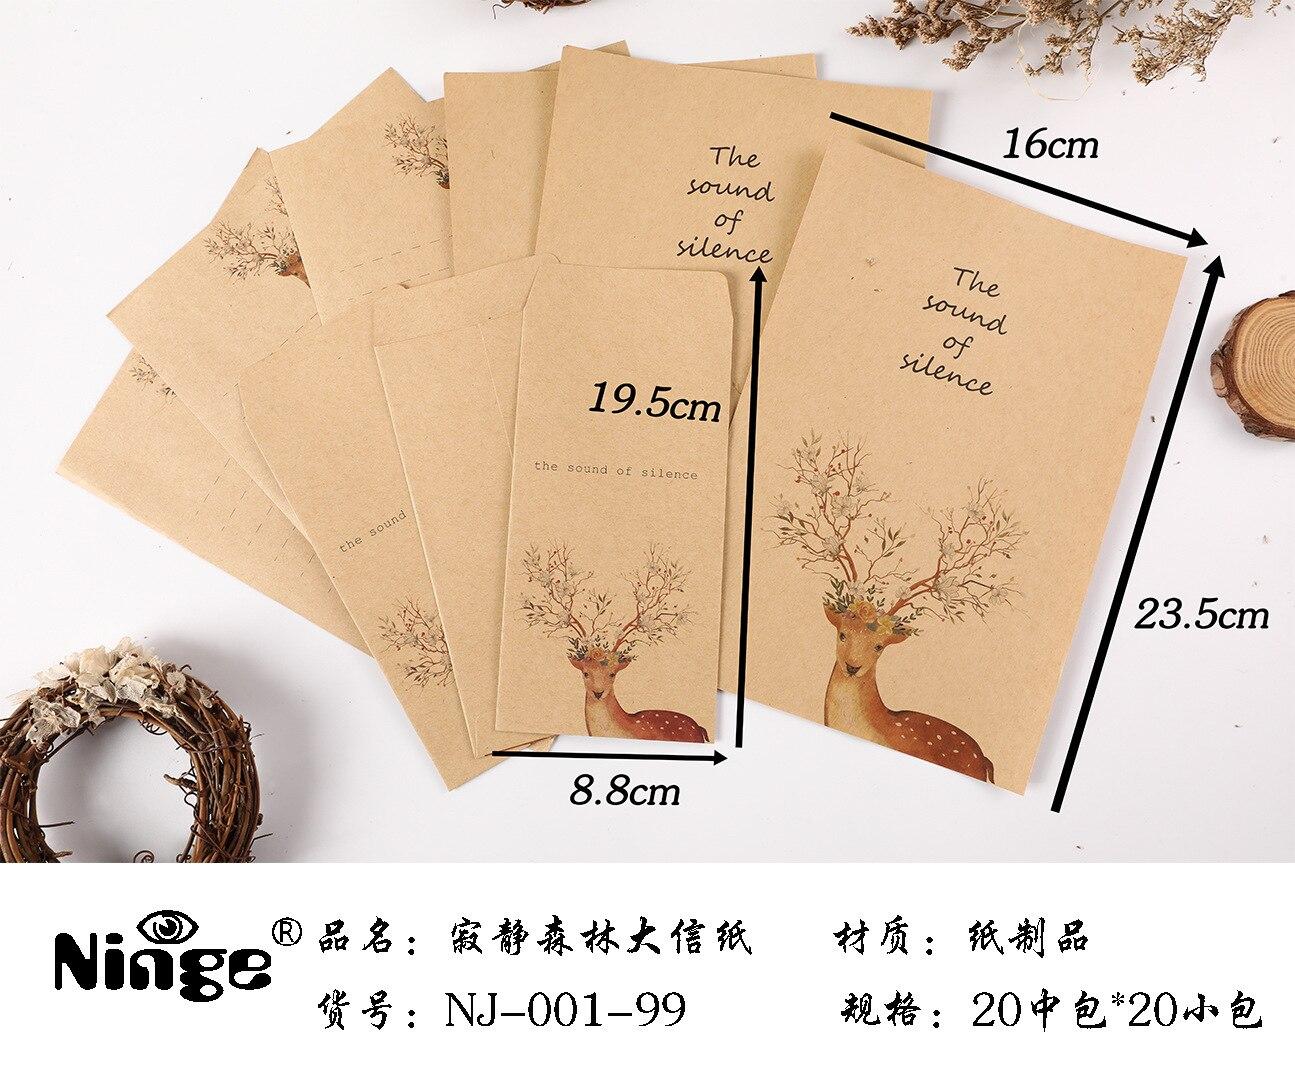 Набор бумажных конвертов большого размера для школы и офиса, 2 конверт для письма